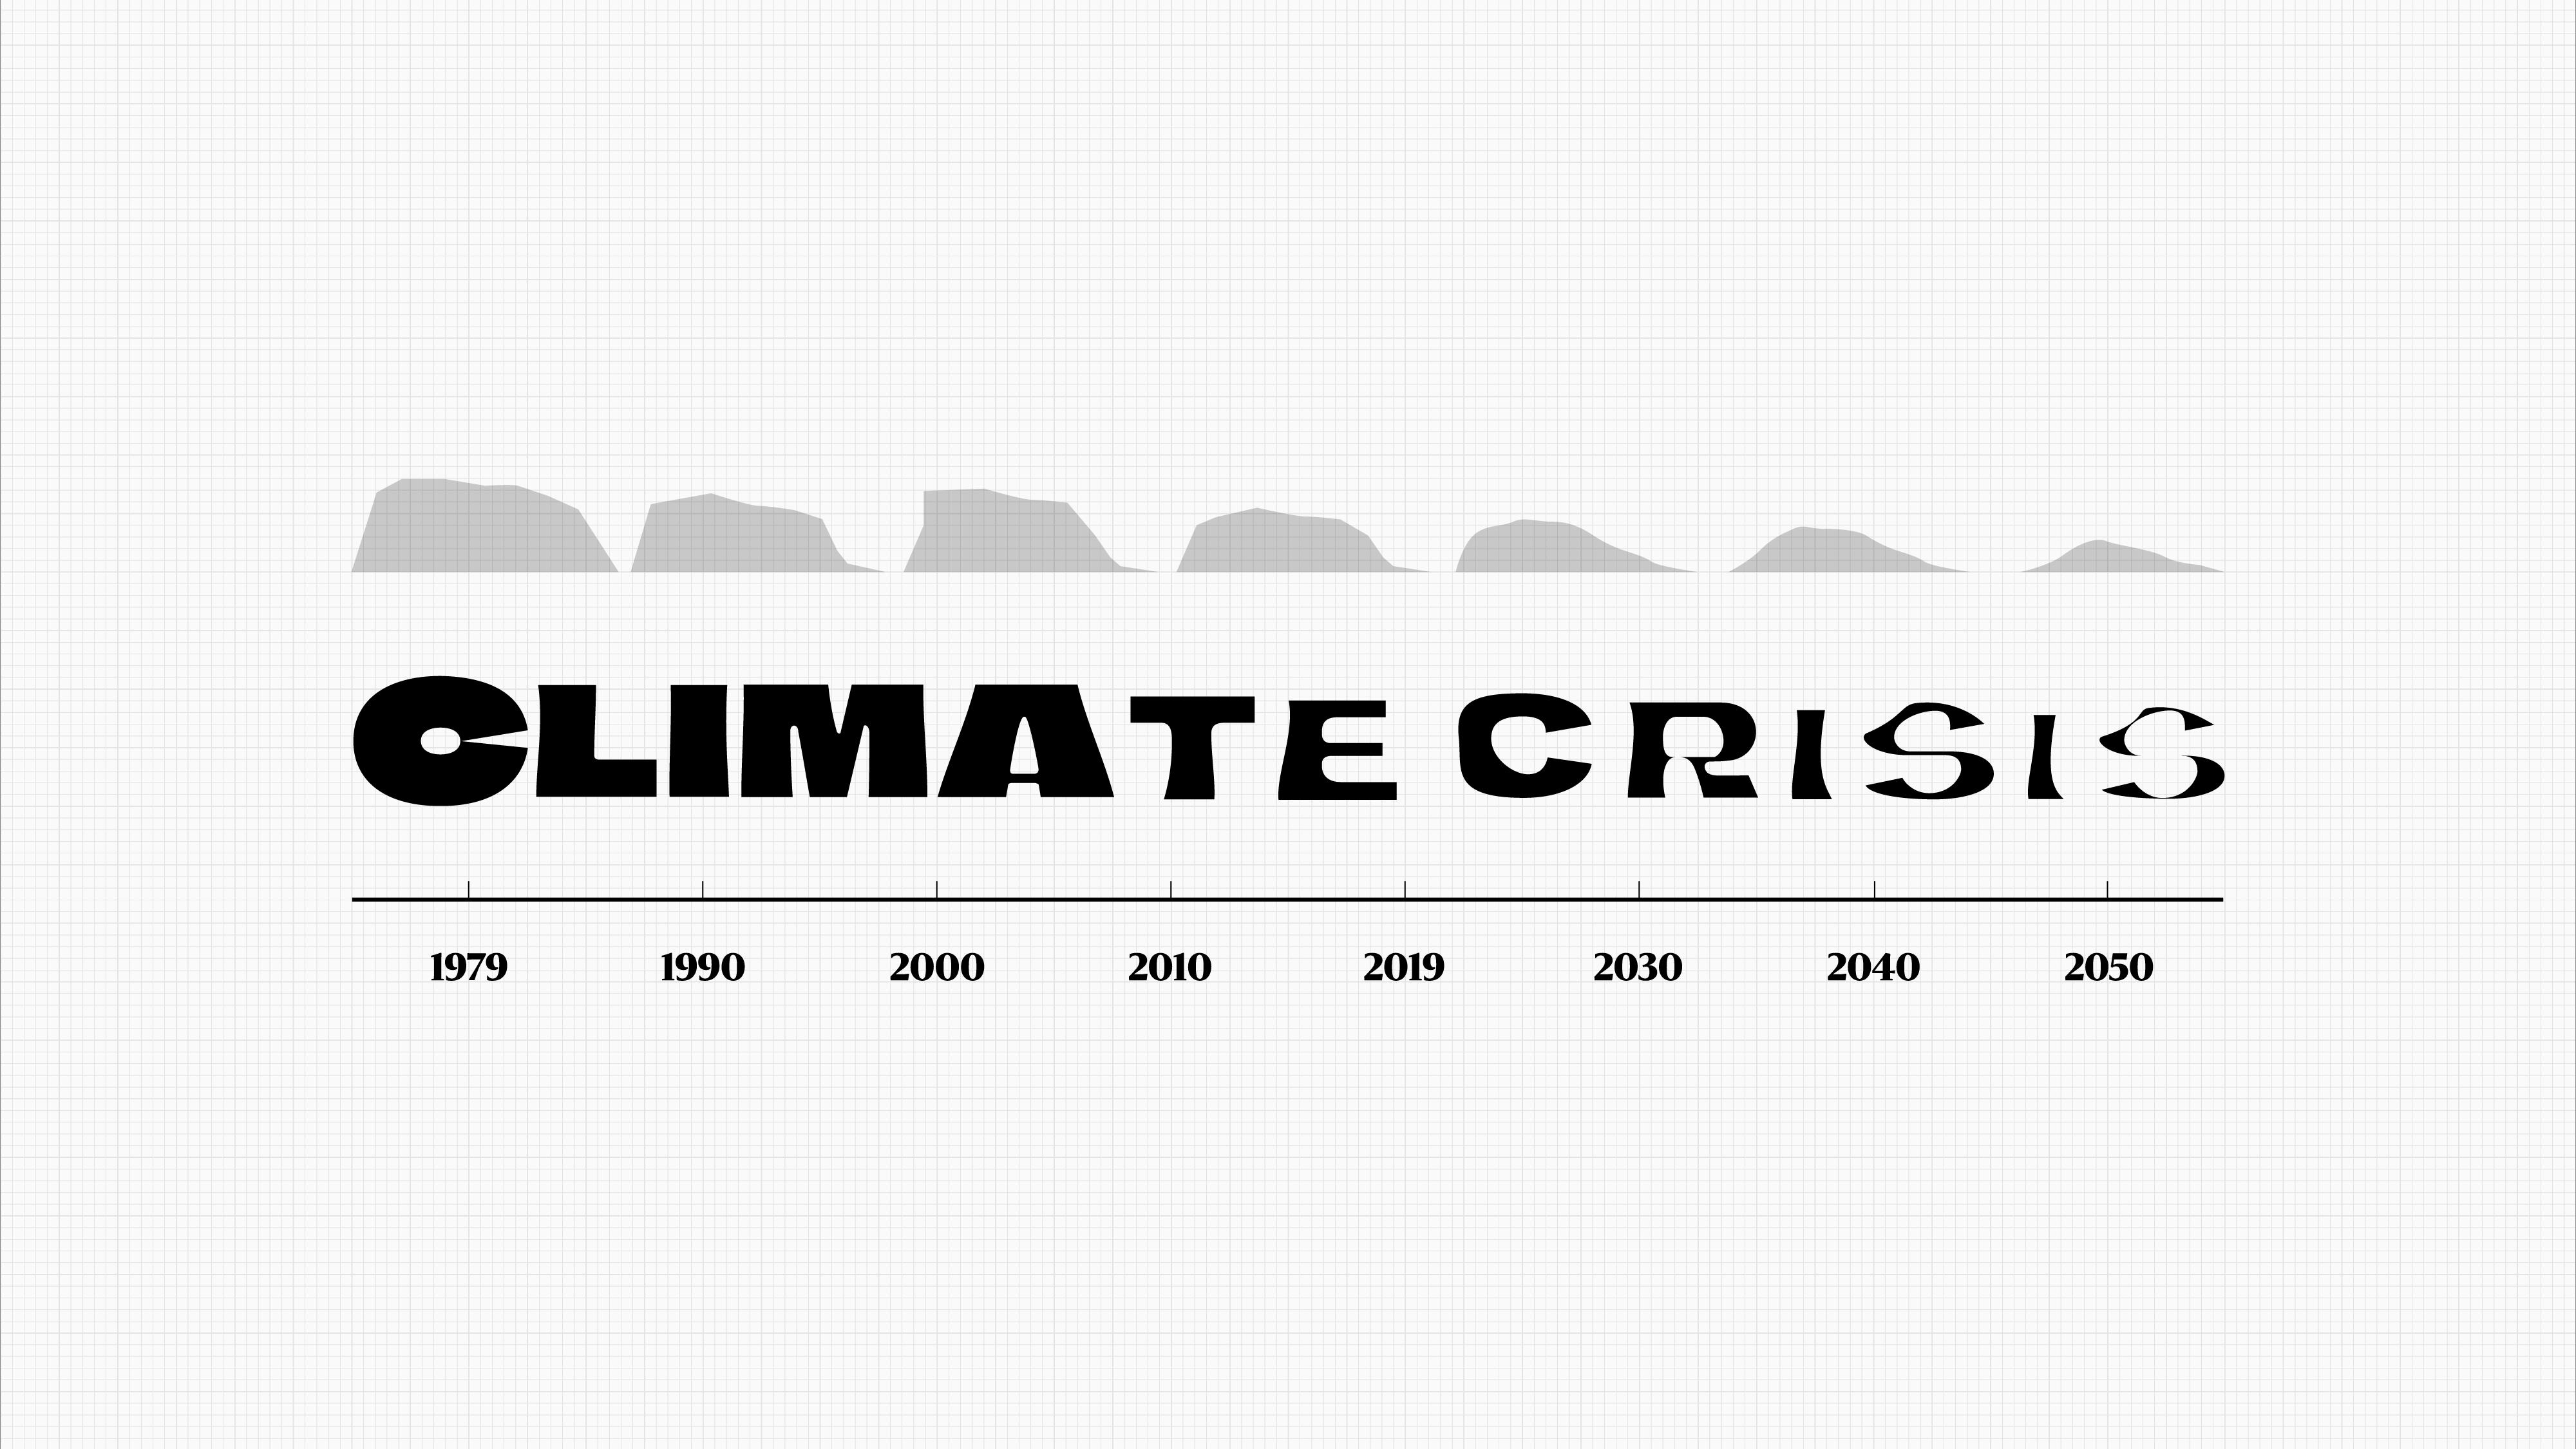 Climate Crisis Font แบบอักษรสุดเท่จากหนังสือพิมพ์ฟินแลนด์ให้โหลดใช้ฟรีเพื่อพูดเรื่องโลกร้อน